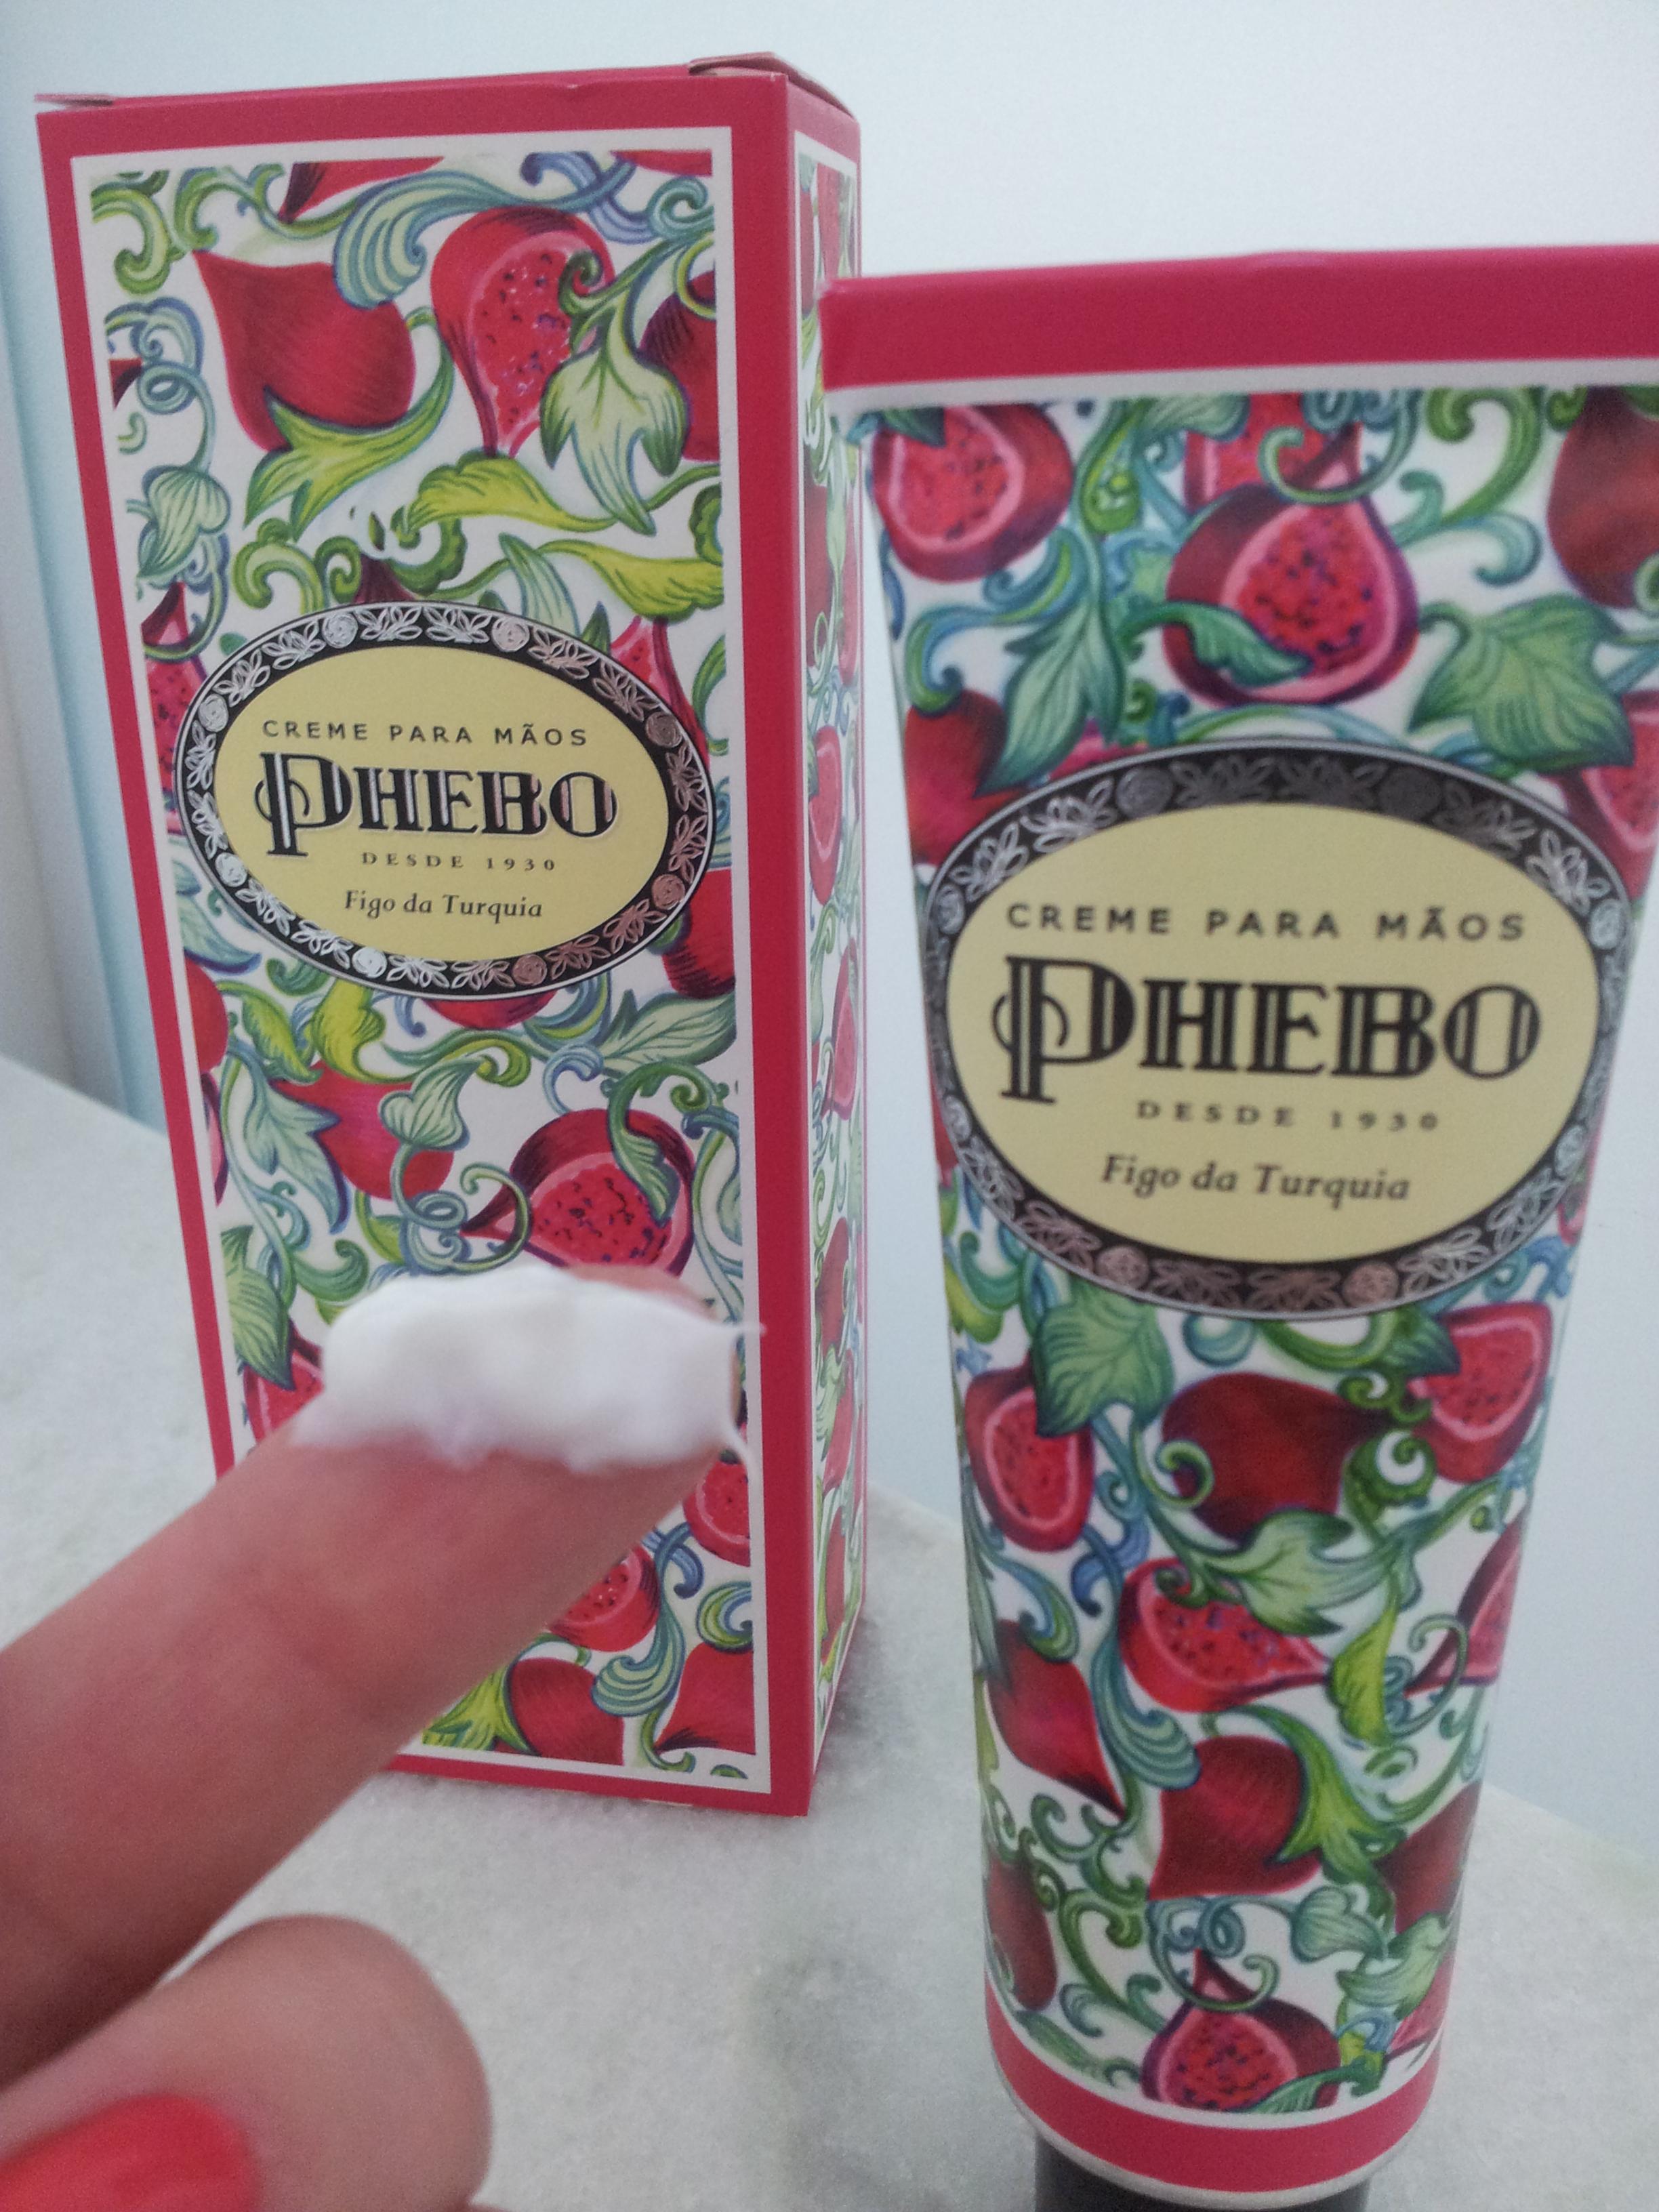 Phebo-figo